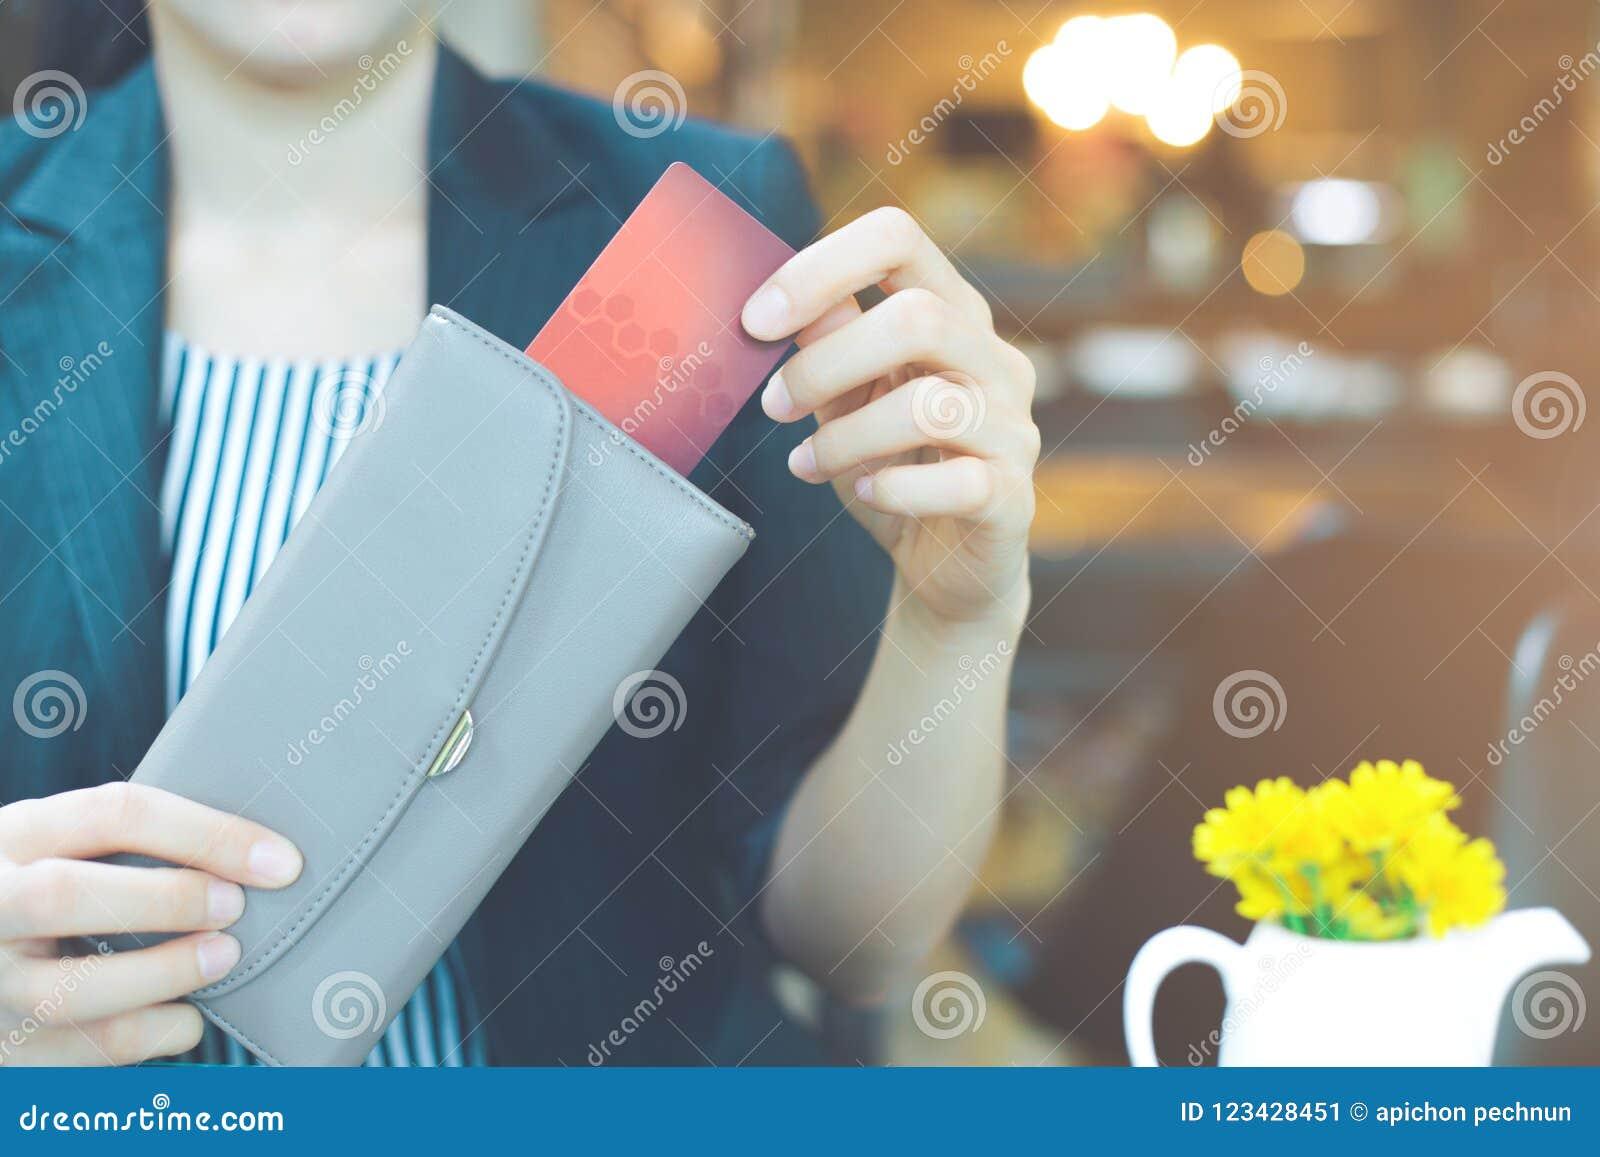 Geschäftsfrauhand ziehen eine Kreditkarte eine Geldbörse heraus